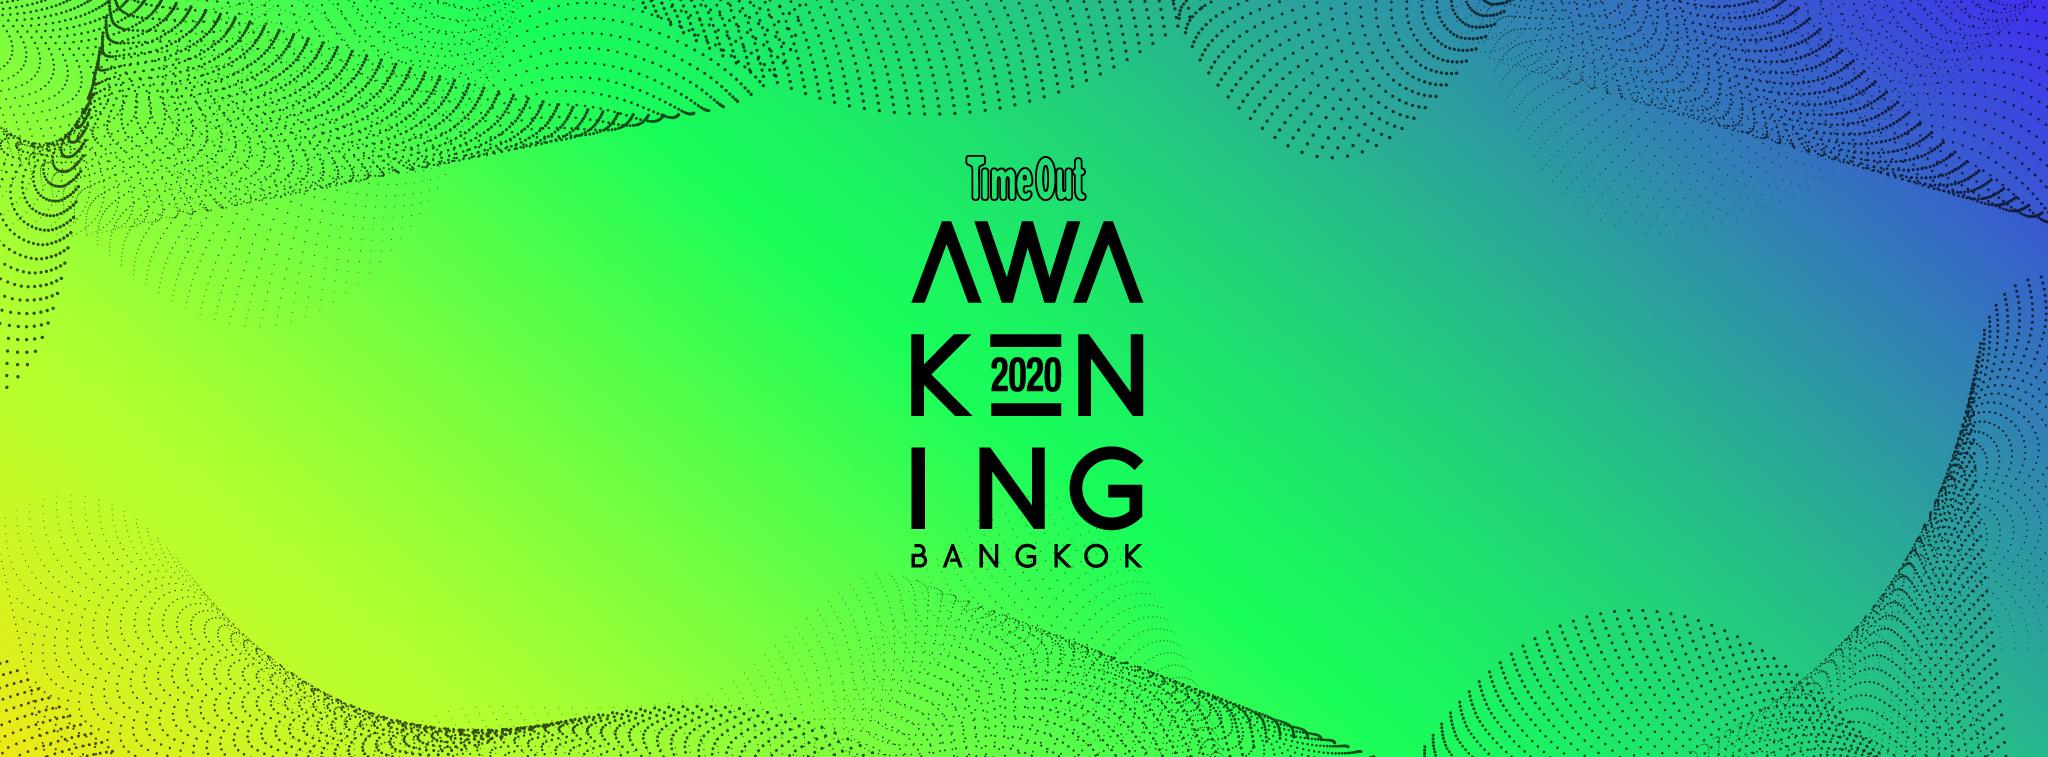 Awakening Bangkok Time Out Bangkok